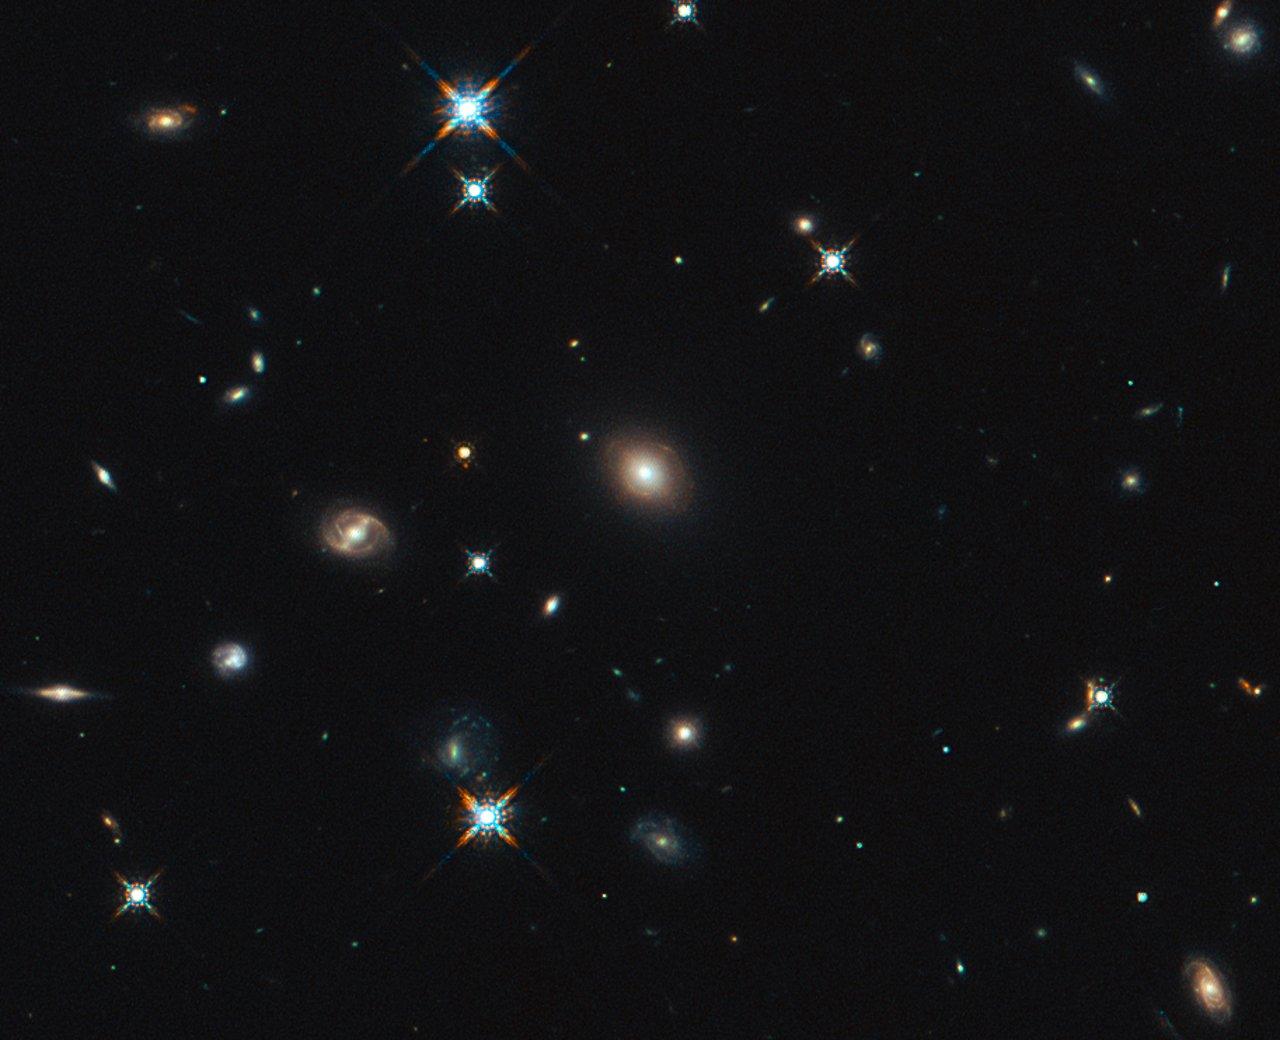 De første stjernedannelser